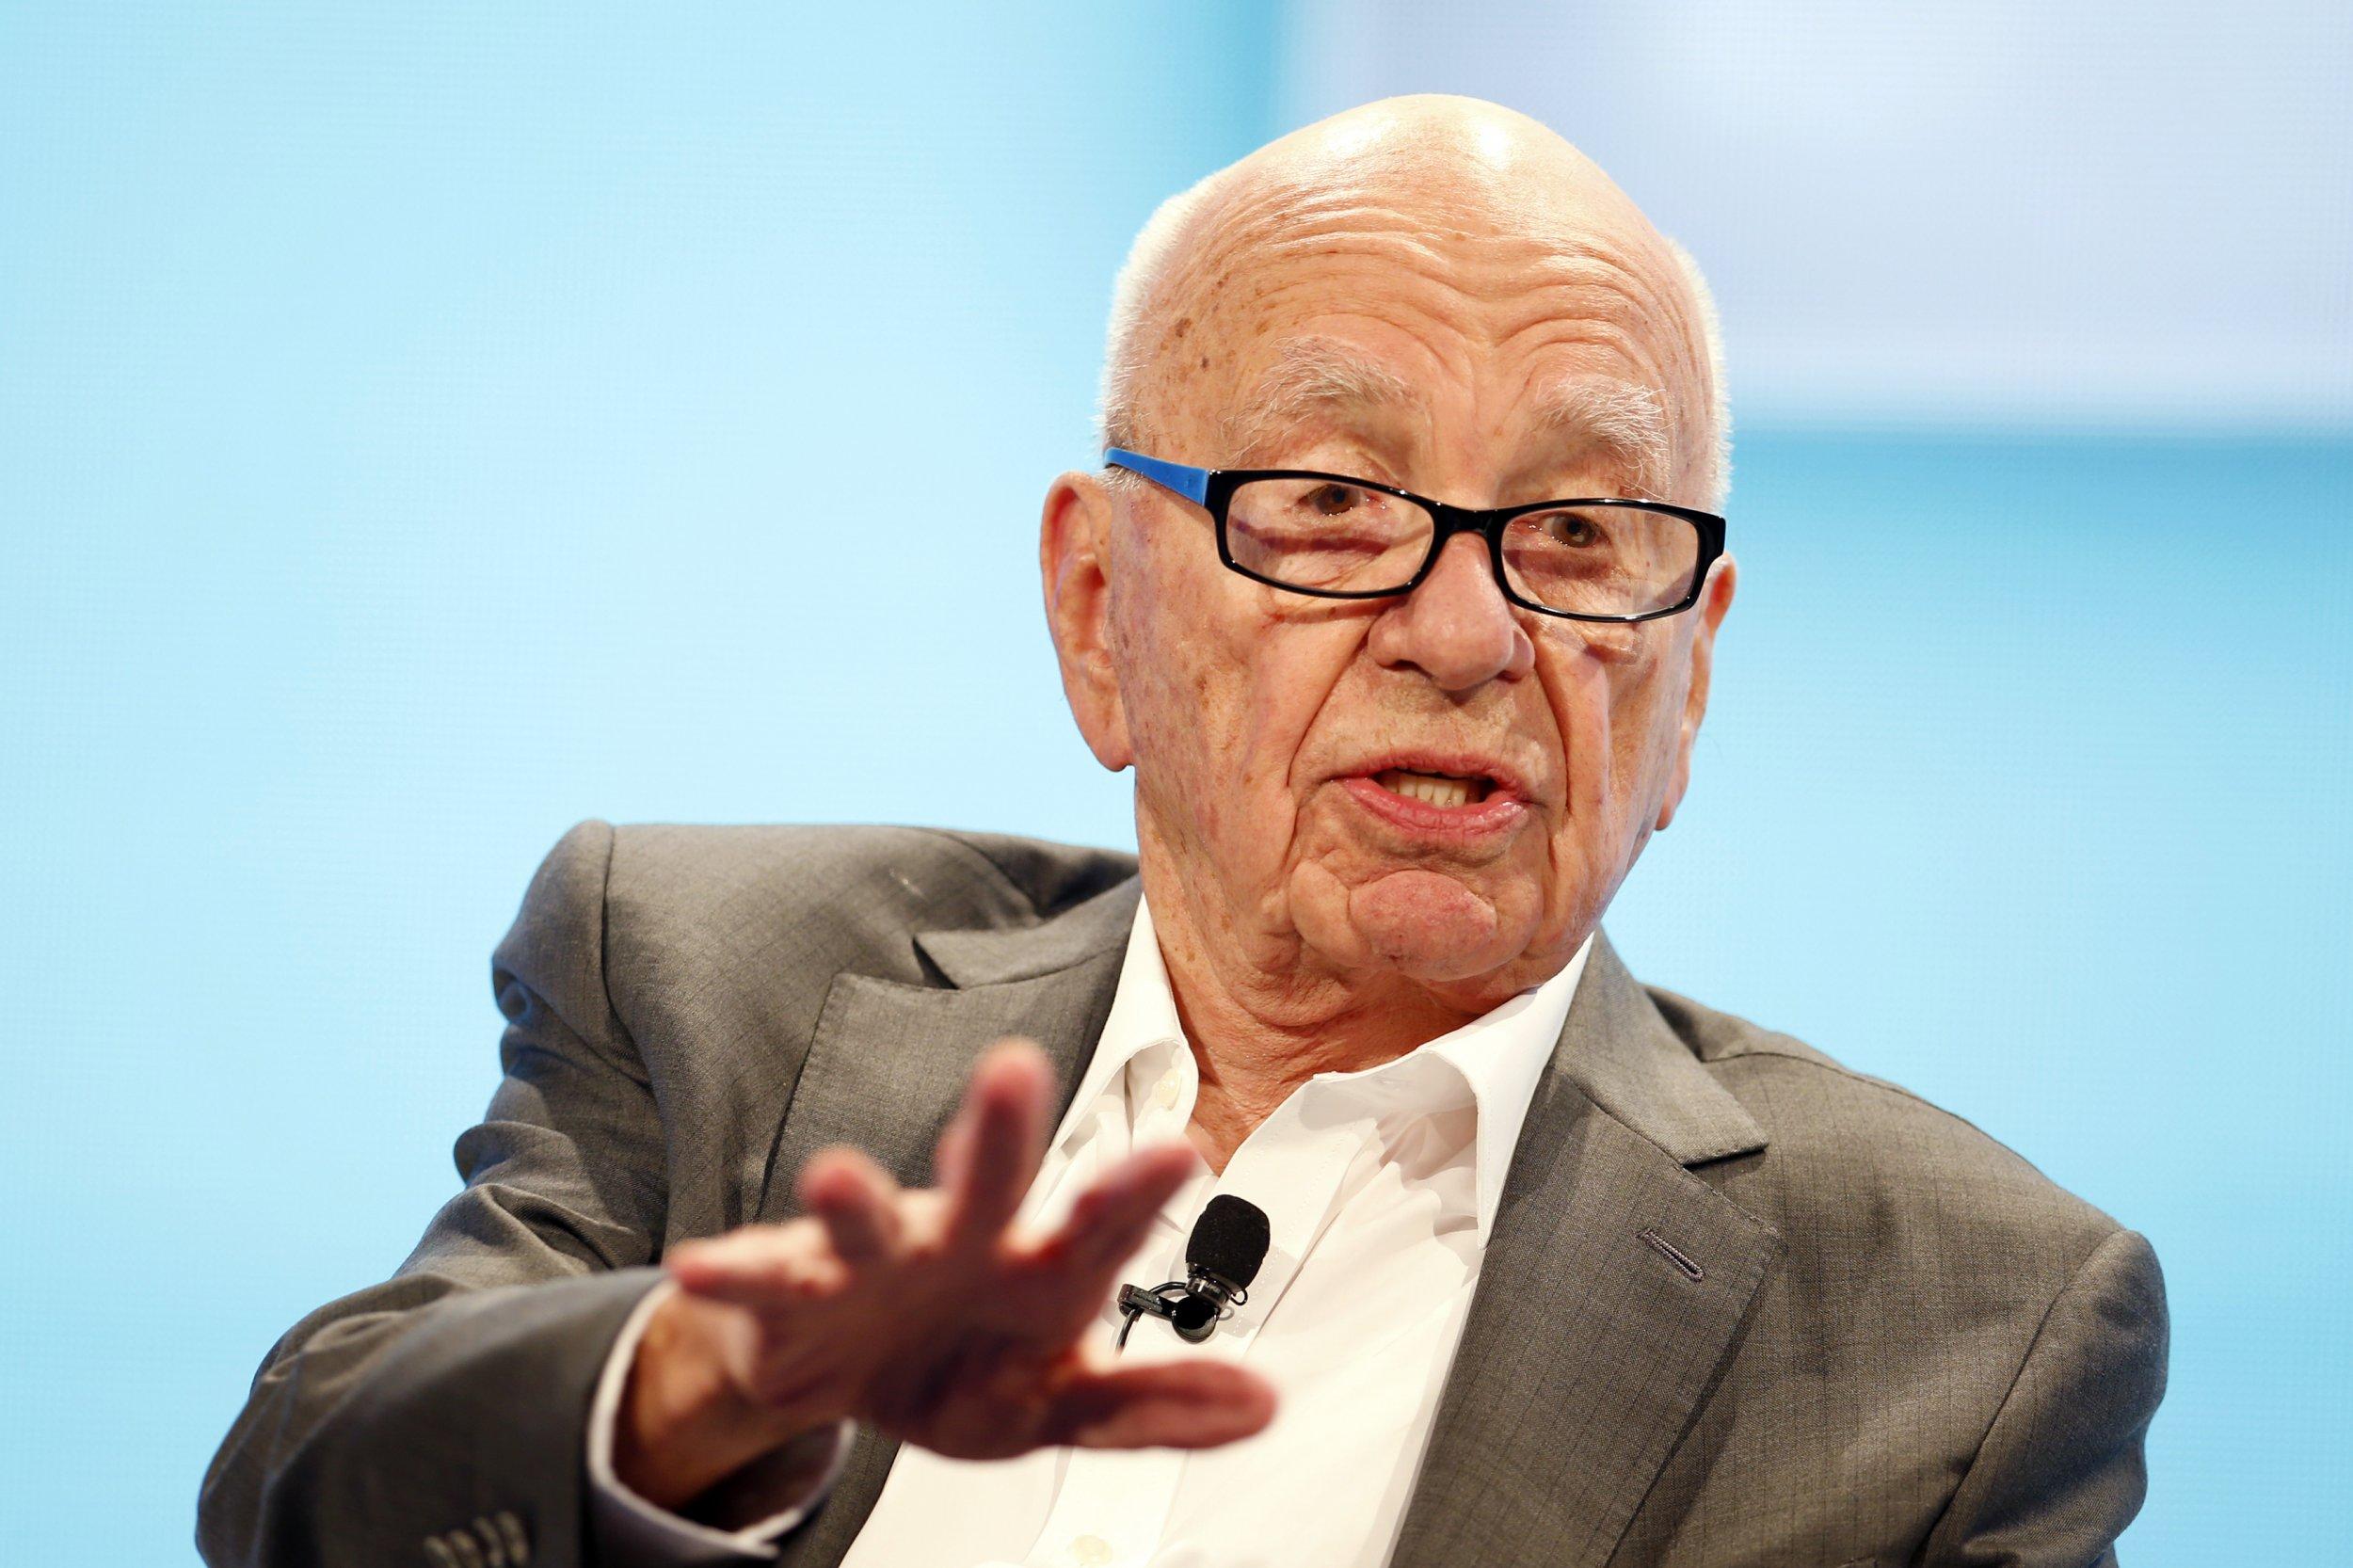 Report: Rupert Murdoch to Step Down as CEO of 21st Century Fox Rupert Murdoch